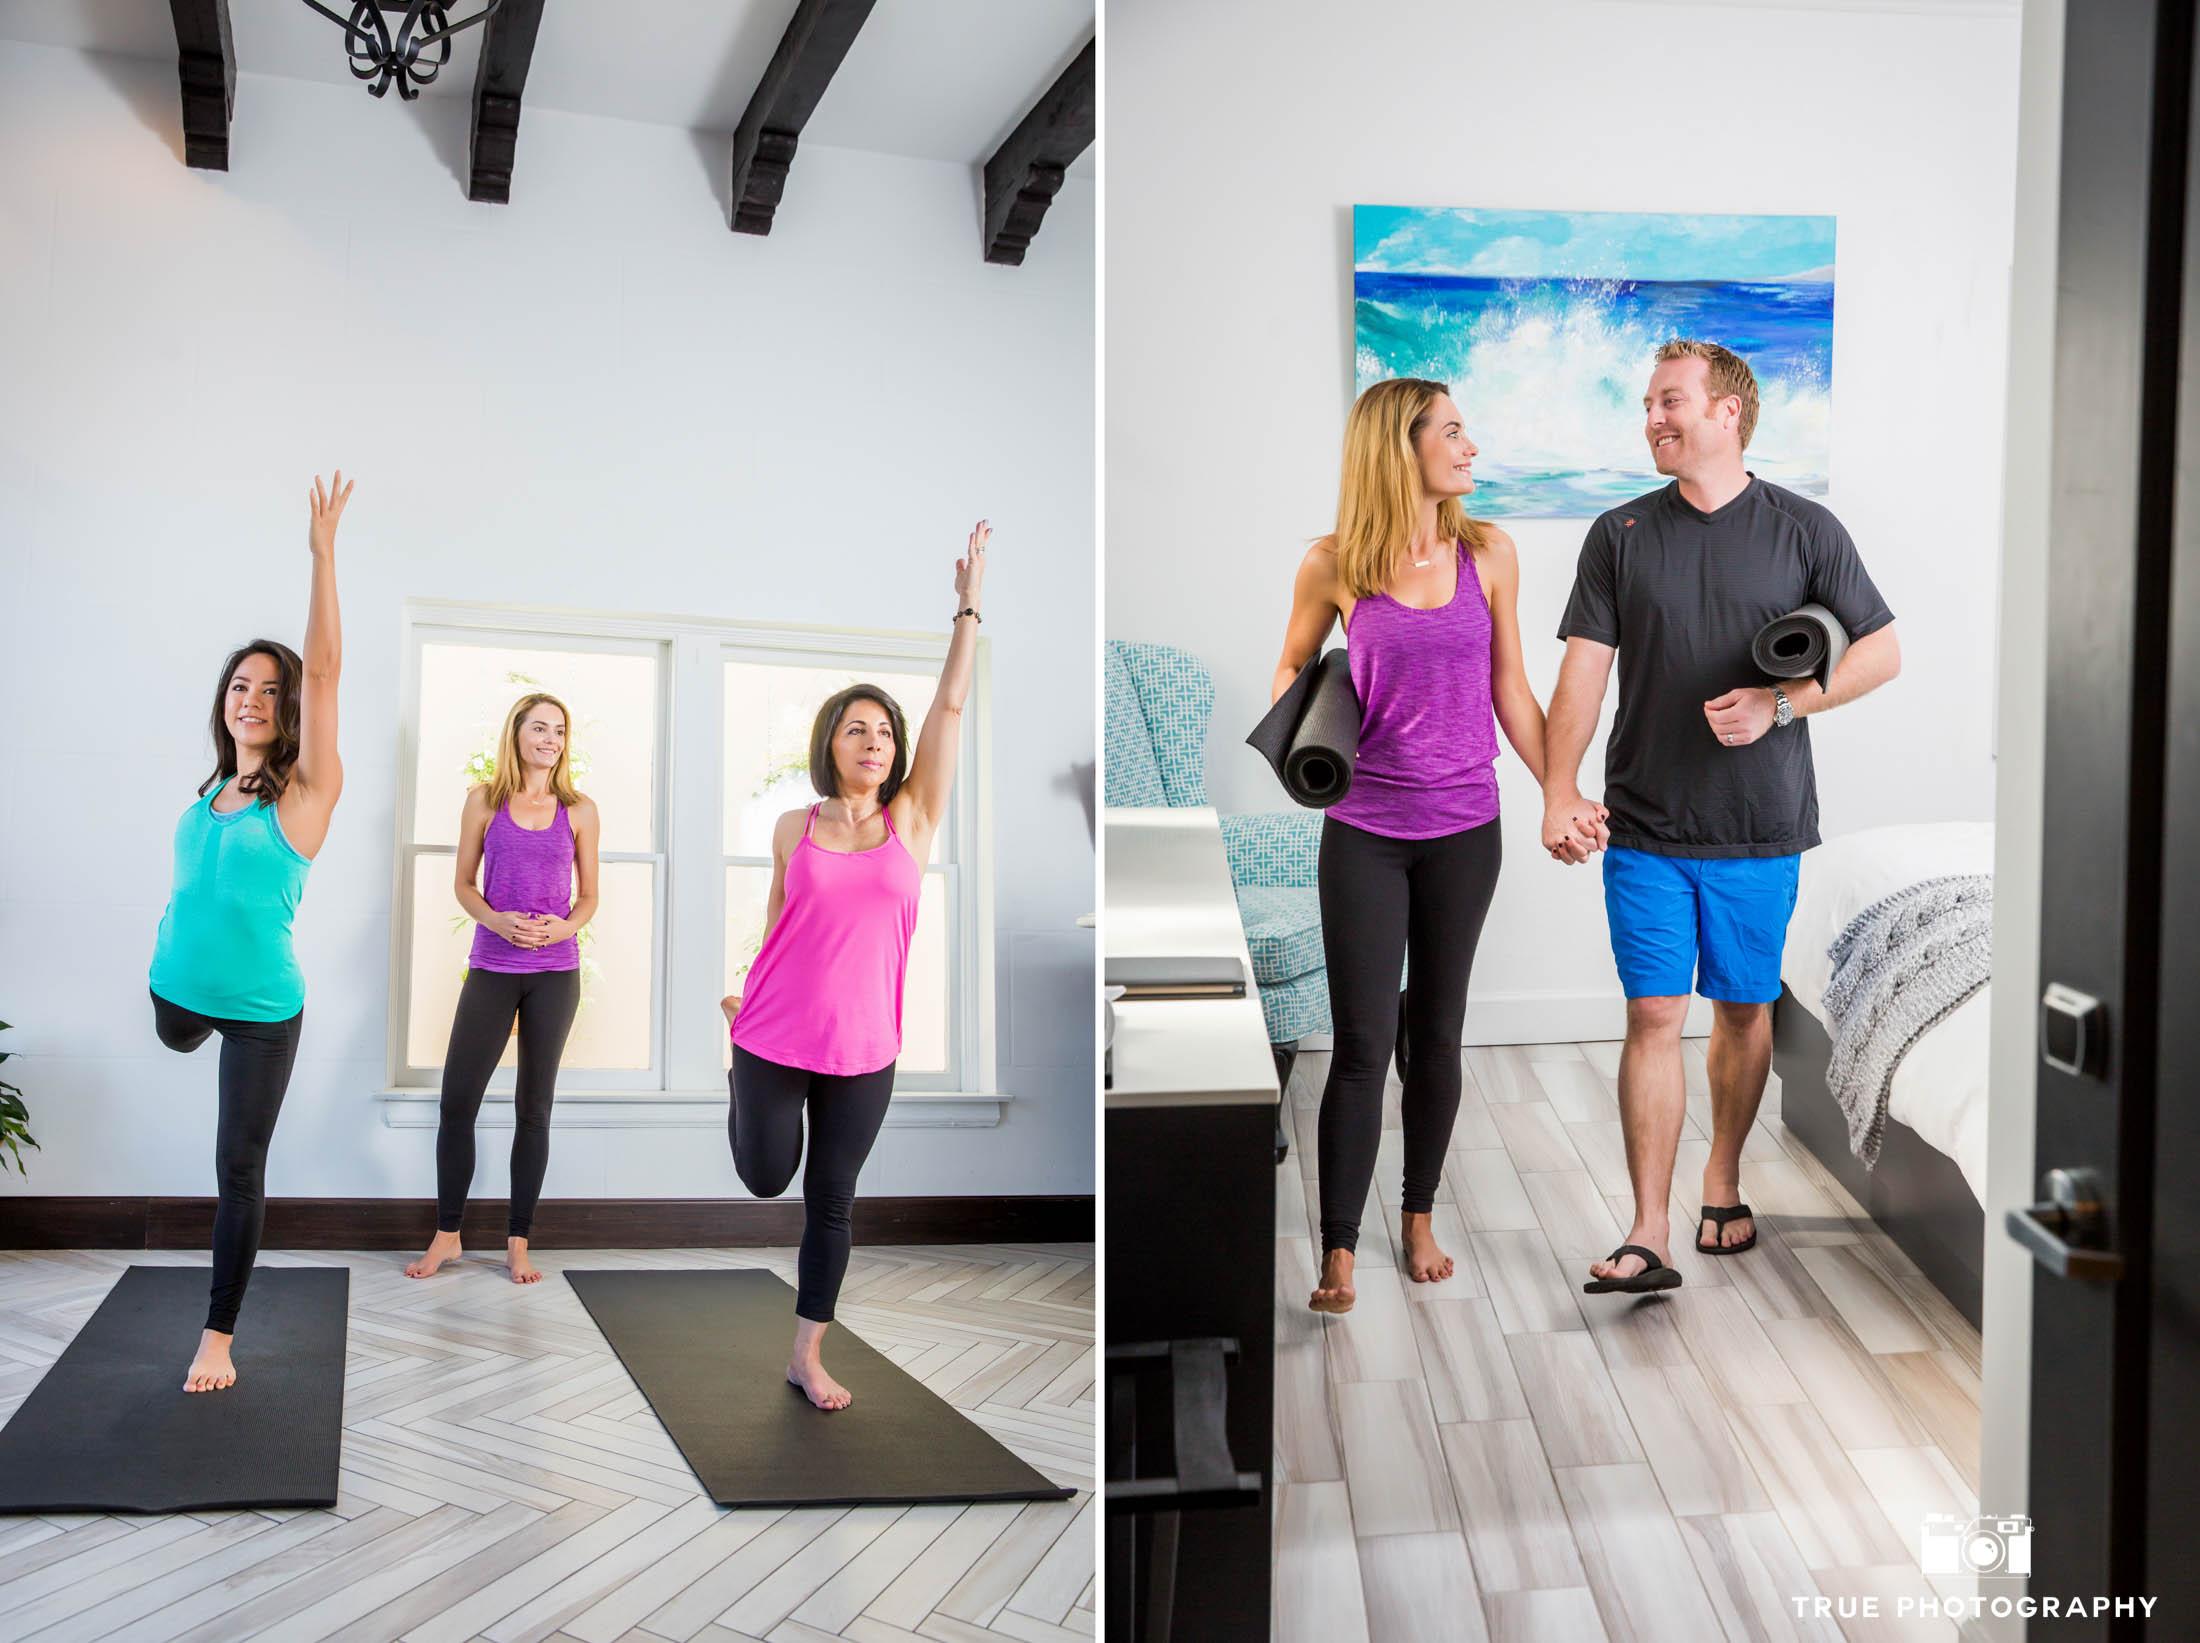 Private Yoga Classes at Hotel Marisol